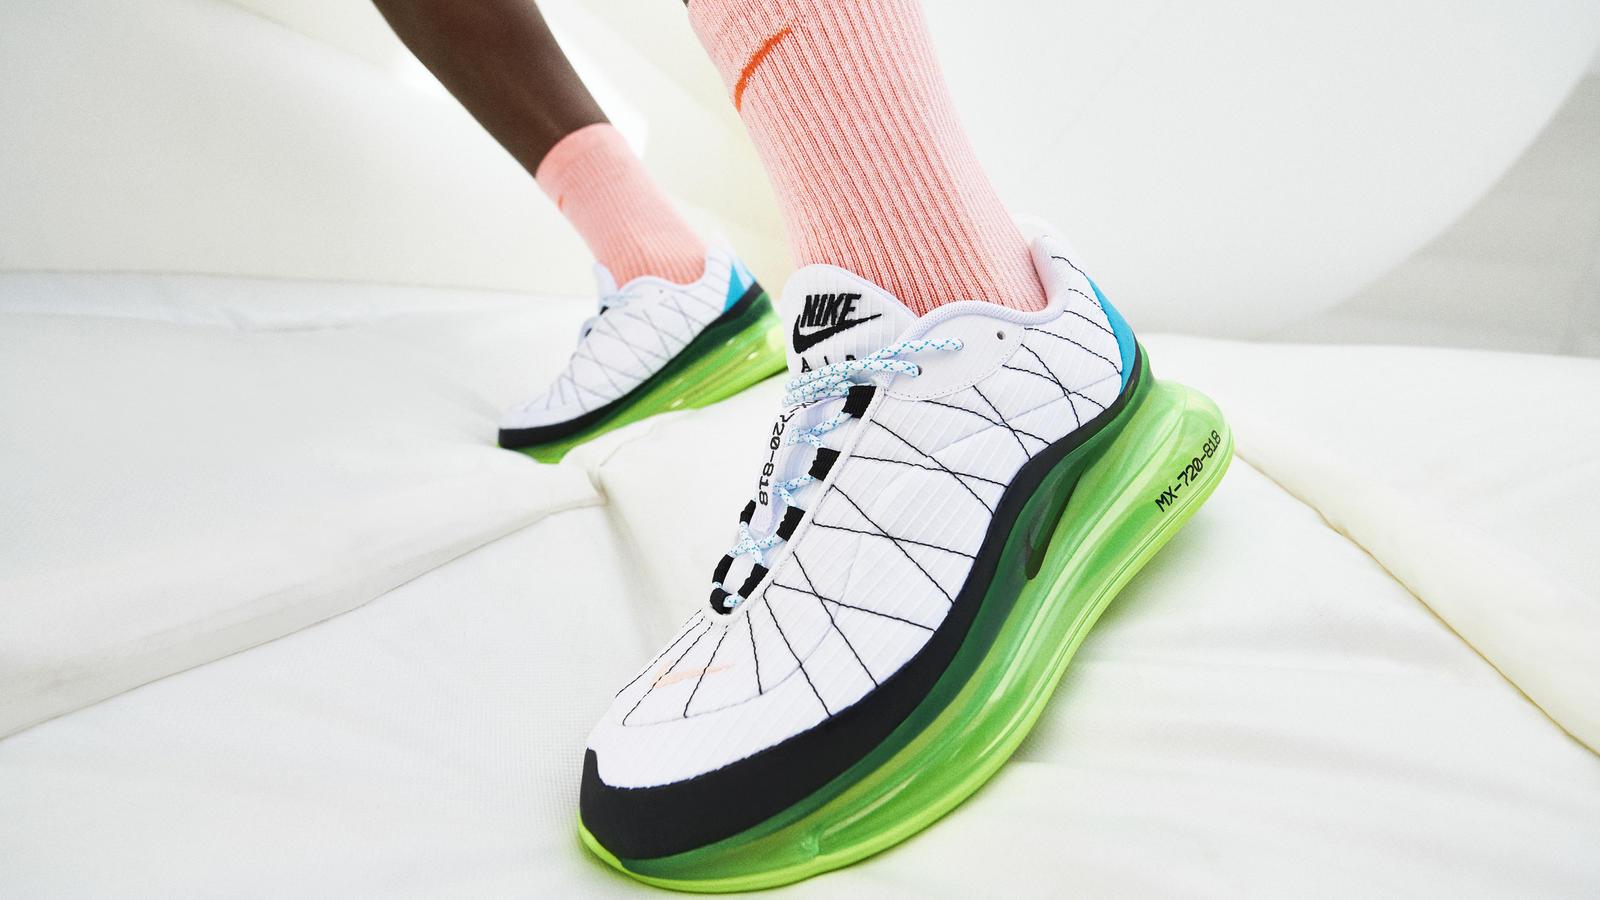 nike air max 270 famous footwear